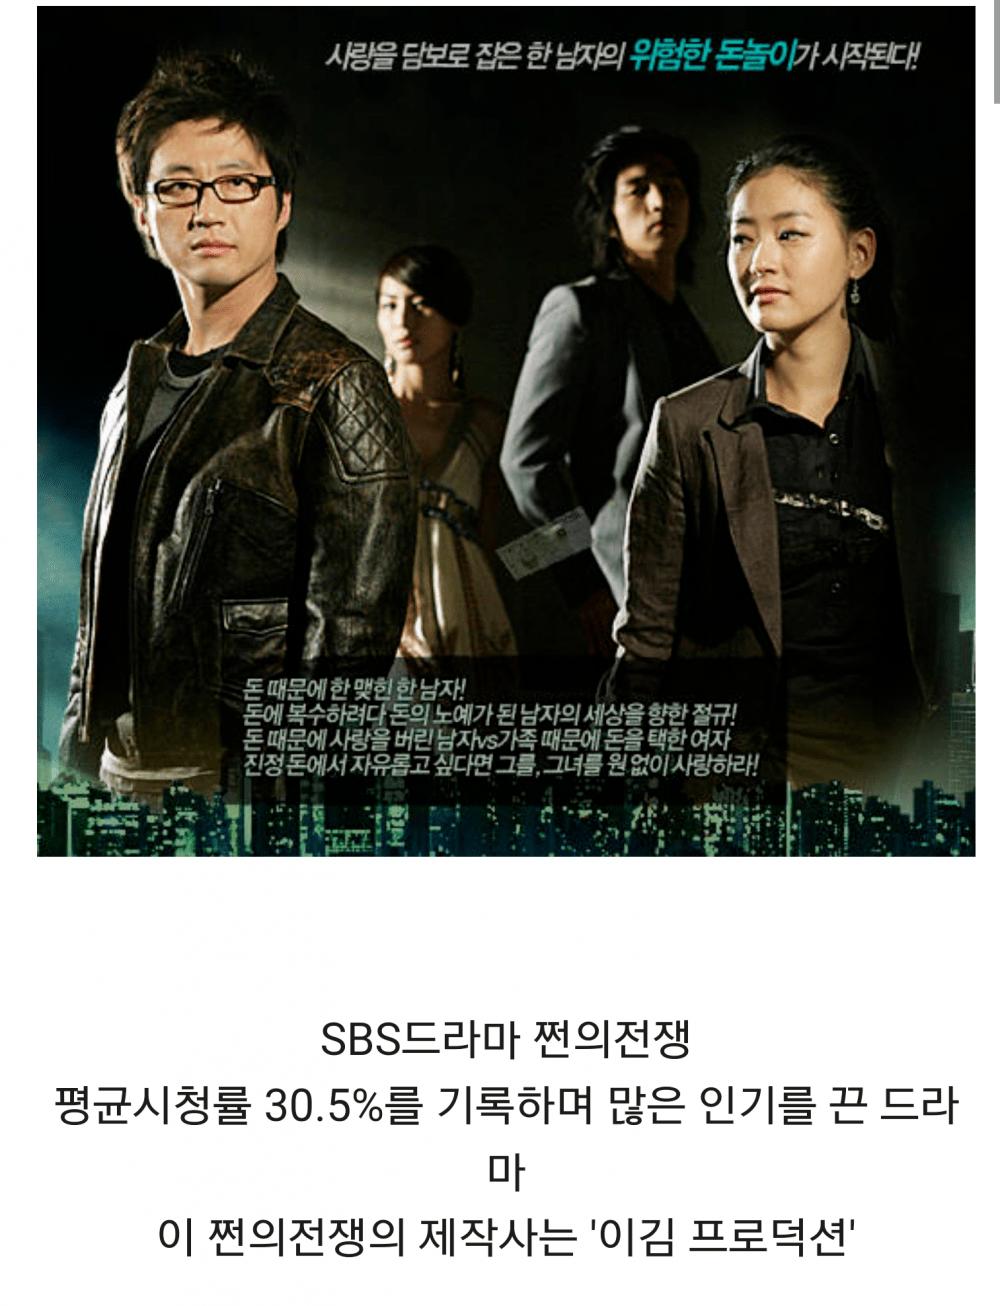 박신양.png 박신양이 출연정지 당했던 사건.jpg